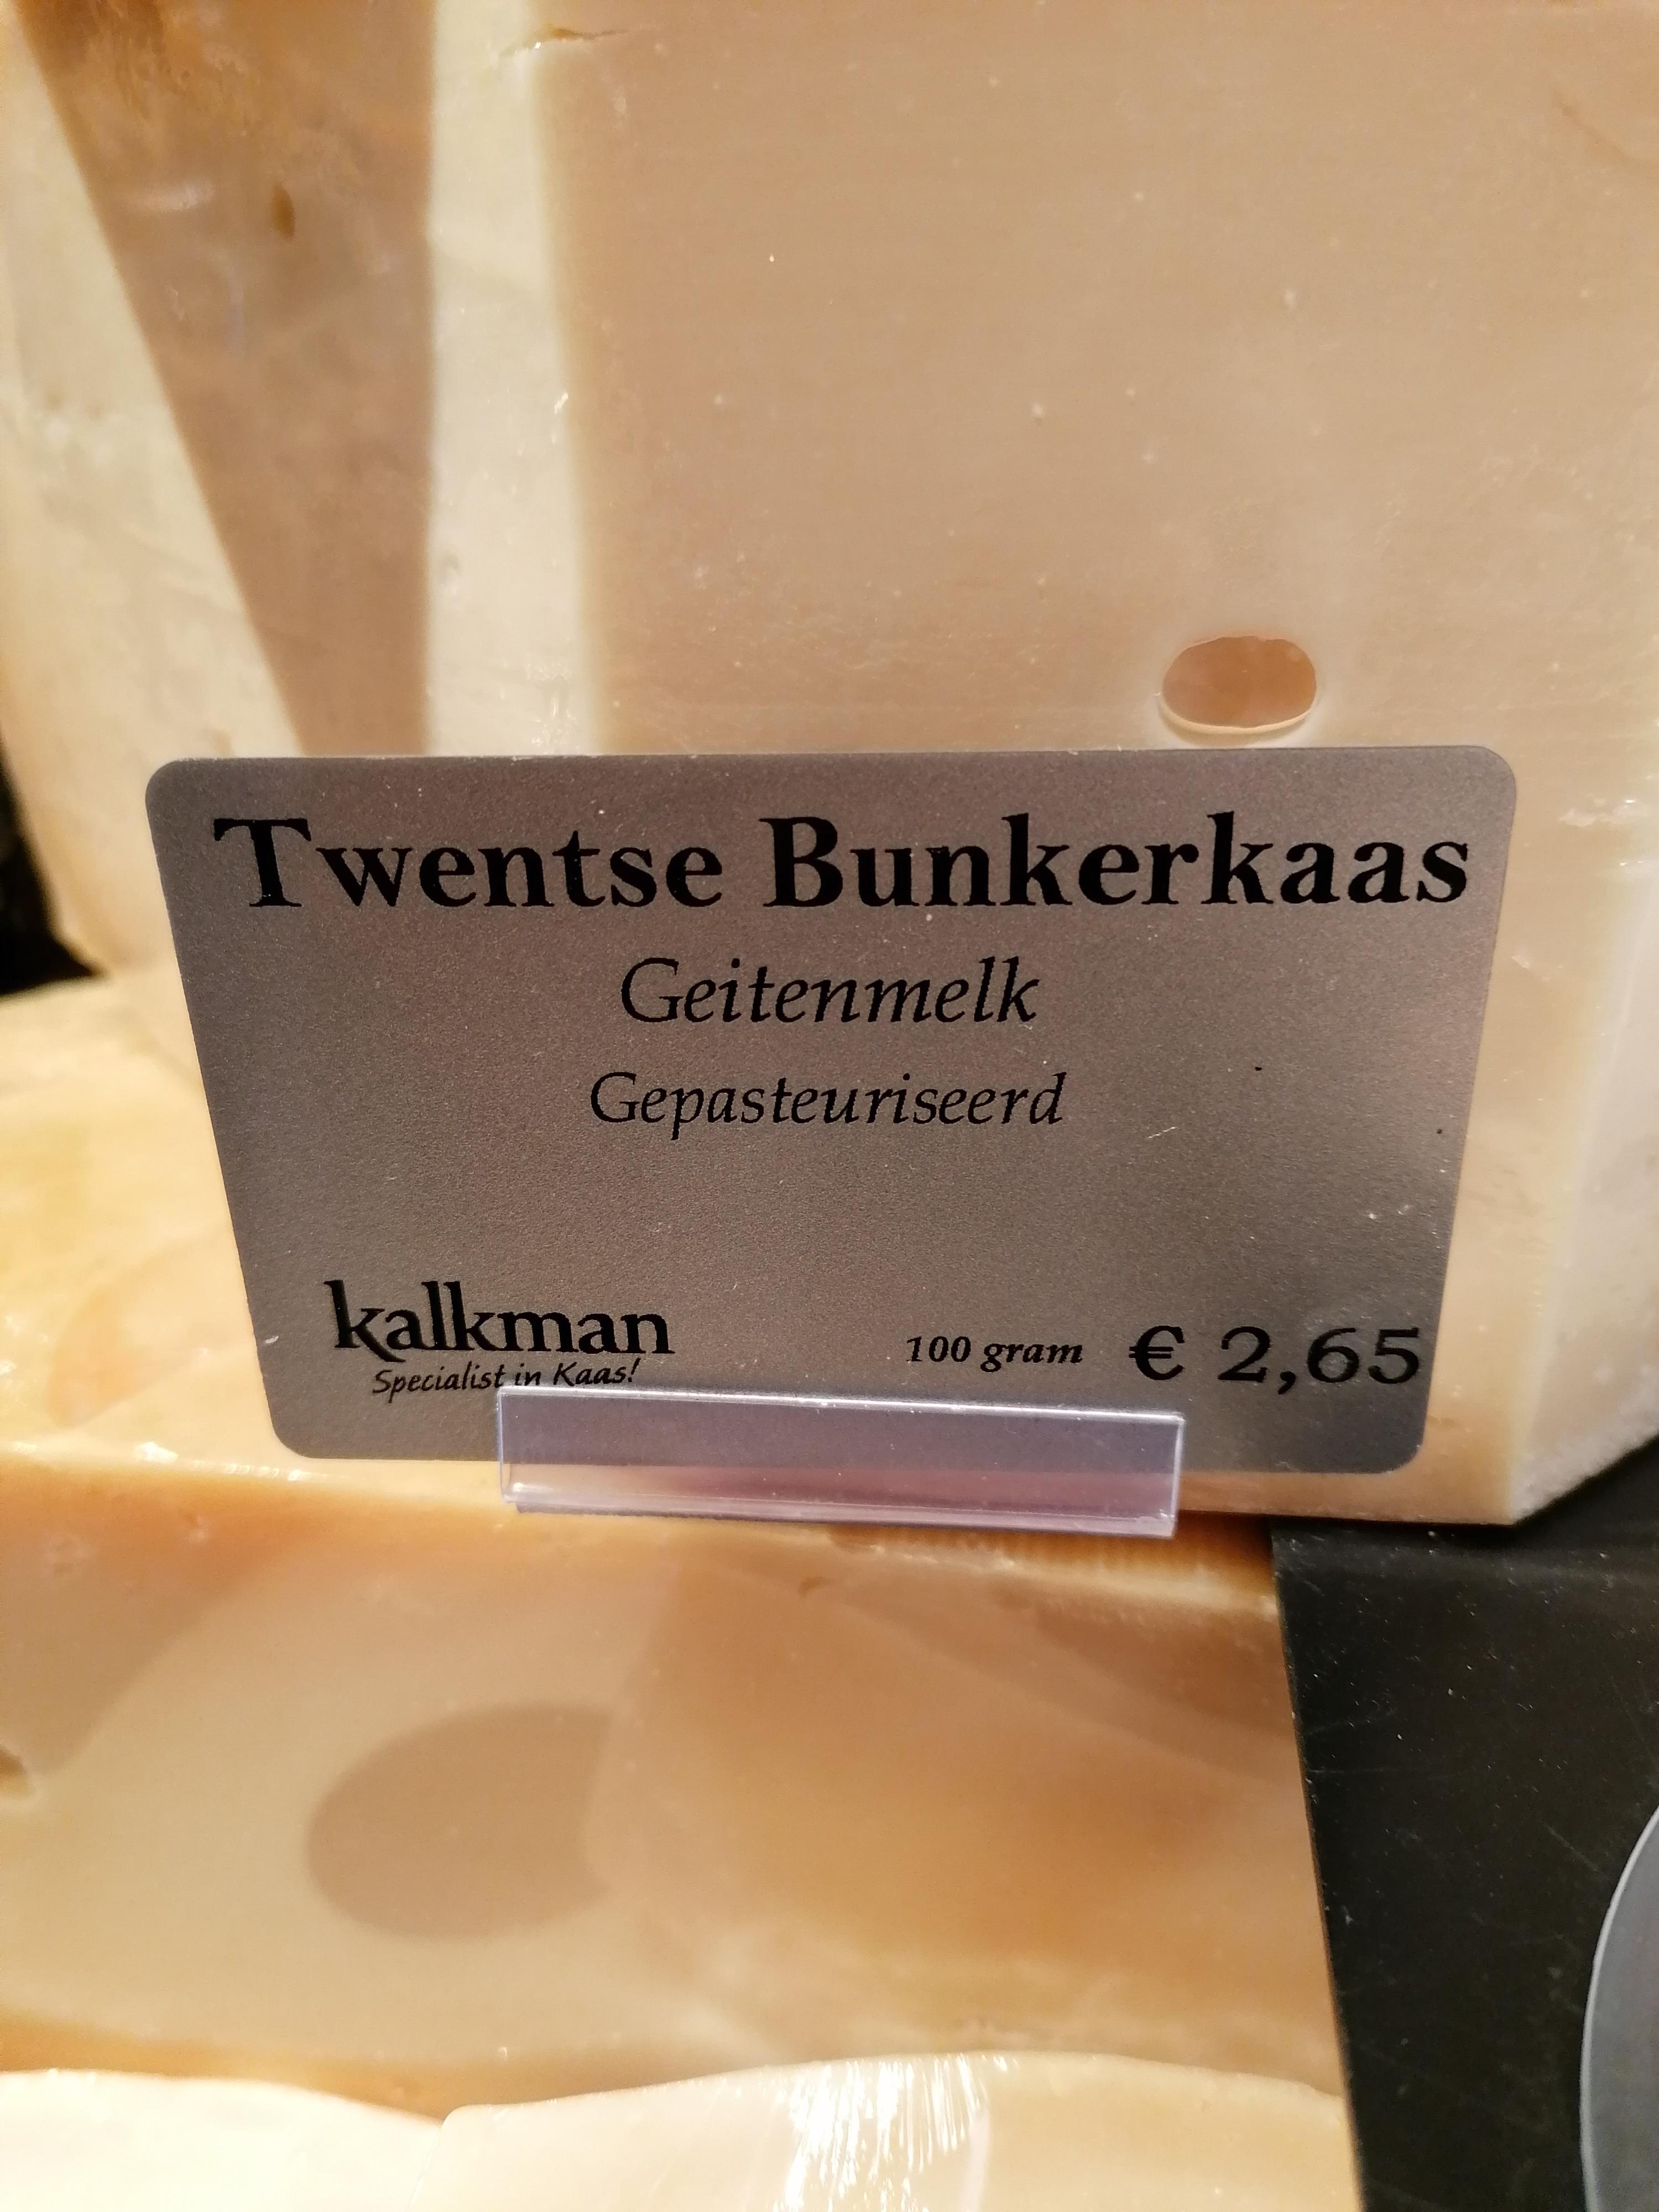 Twentse Bunkerkaas